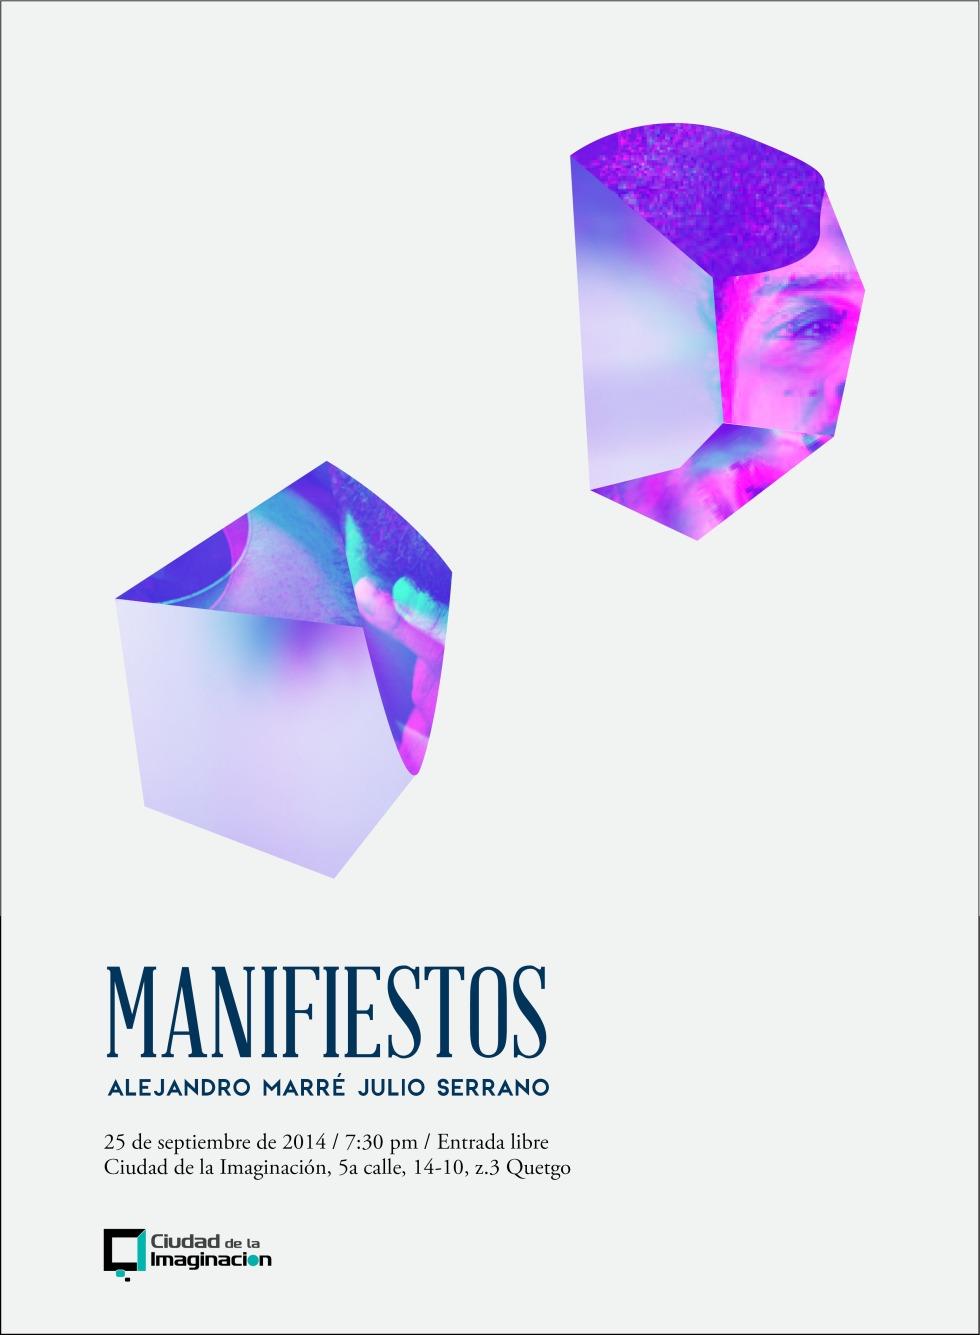 Manifiestos. Diseño de Santiago Lucas. Ciudad de la Imaginación. 2014